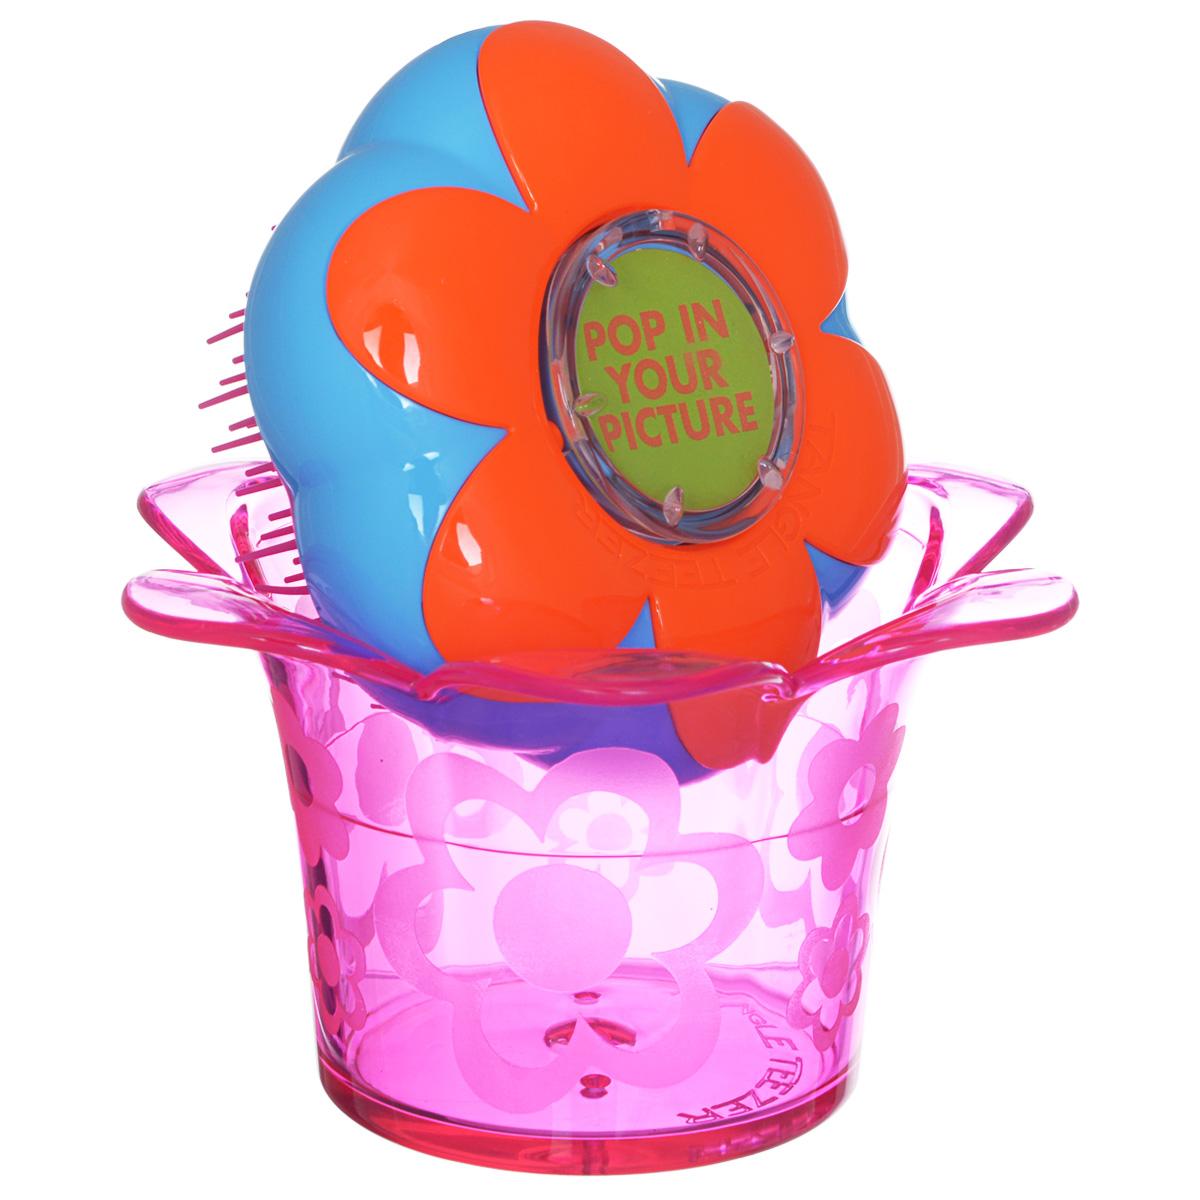 Tangle Teezer Расческа для волос Magic Flowerpot. Popping PurpleFP-PU-011212Детская распутывающая чудо-расческа Tangle Teezer Magic Flowerpot. Popping Purple идеально подходит для всех типов волос. Оригинальная форма зубчиков обеспечивает двойное действие и позволяет быстро и безболезненно расчесать влажные и сухие волосы, не нарушая структуру детских волос. Подходит детям от 3-х лет. Благодаря эргономичному дизайну, расческу удобно держать в руках, не опасаясь выскальзывания. Расческа дополнена оригинальной подставкой, в которой можно хранить различные резиночки и заколочки.Товар сертифицирован.